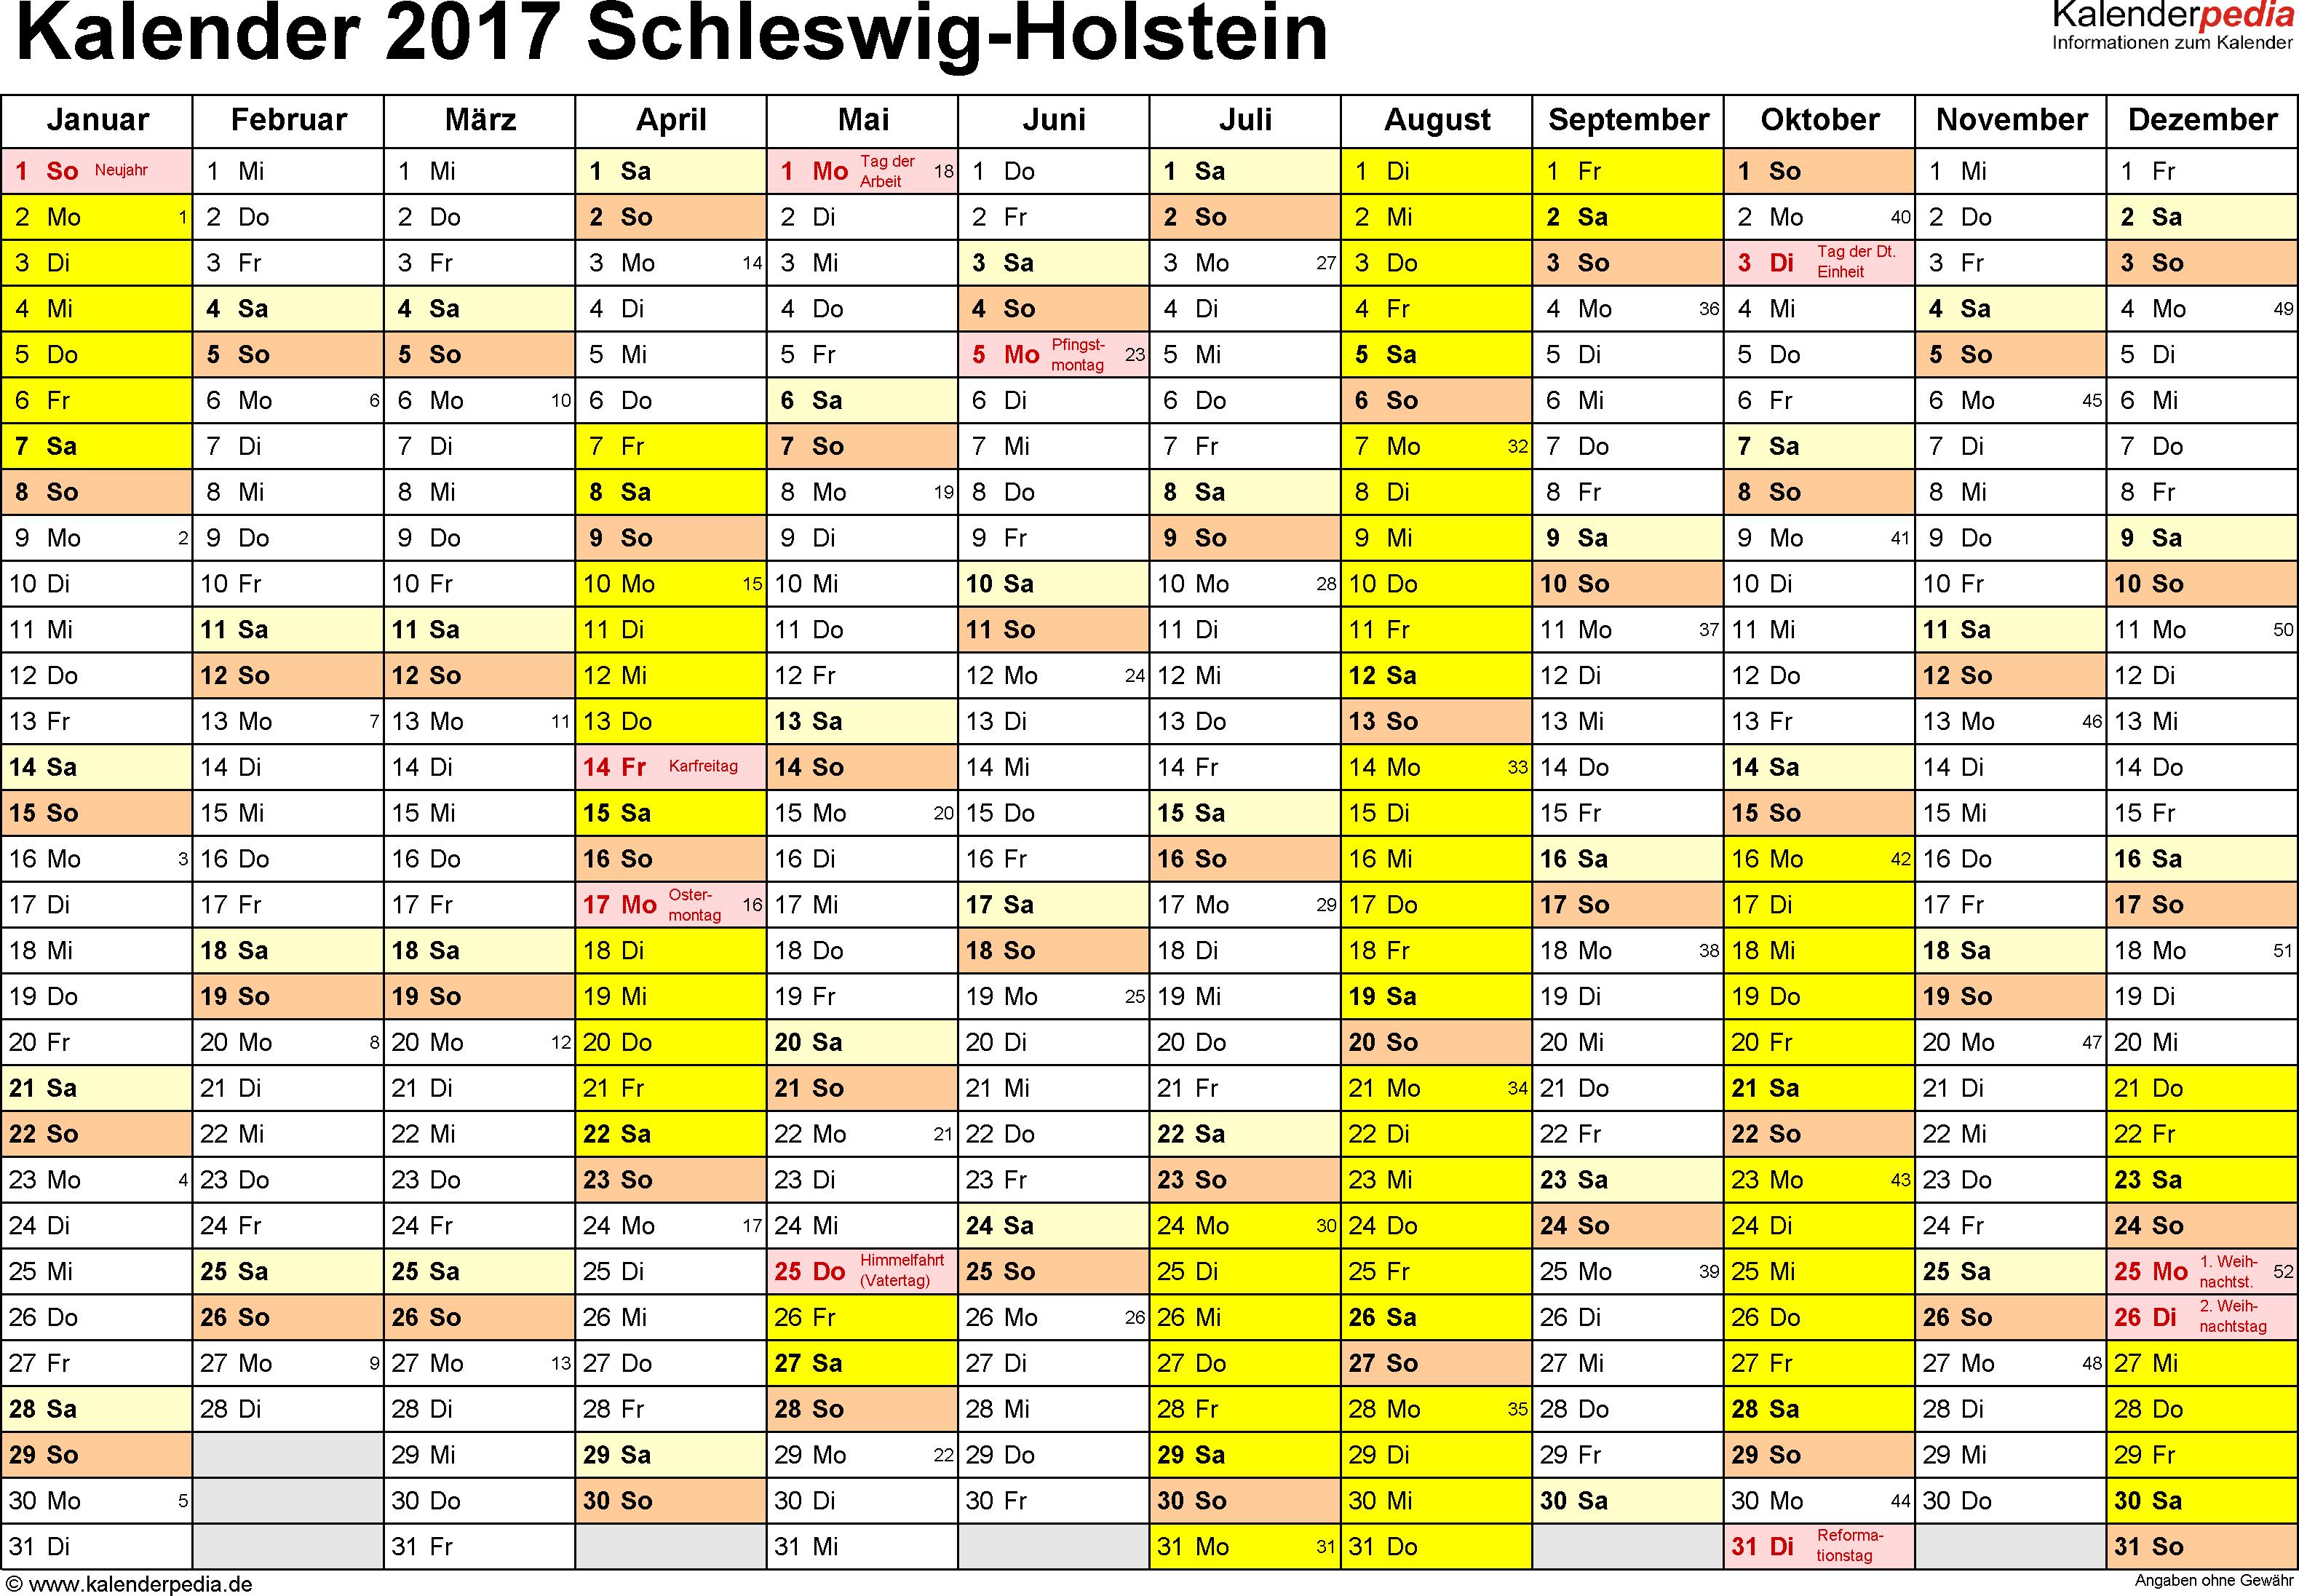 Kalender 2017 Schleswig-Holstein